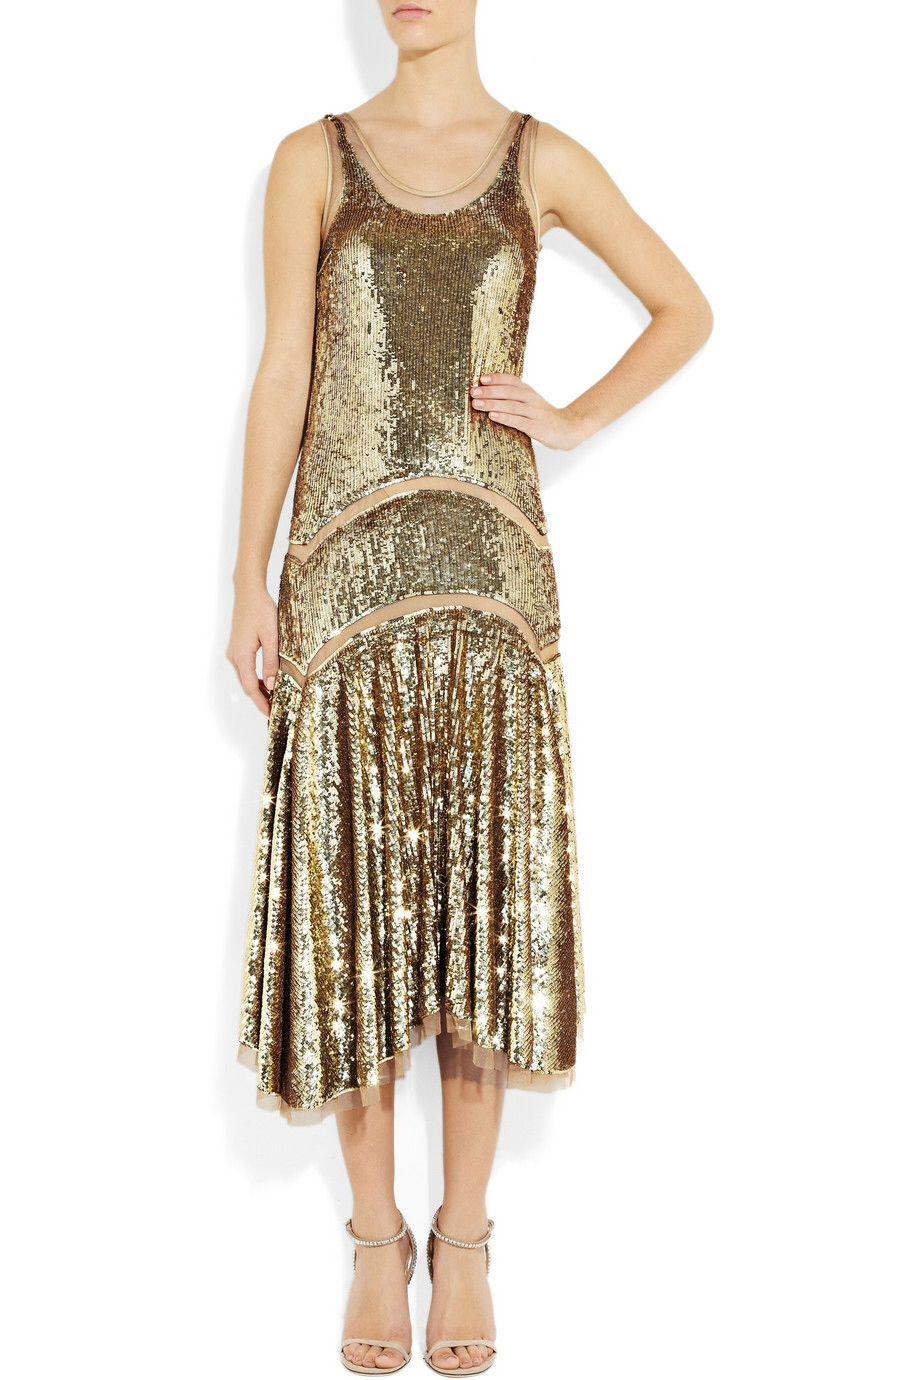 Michael Kors midi body-con dresses for Sale in Atlantic